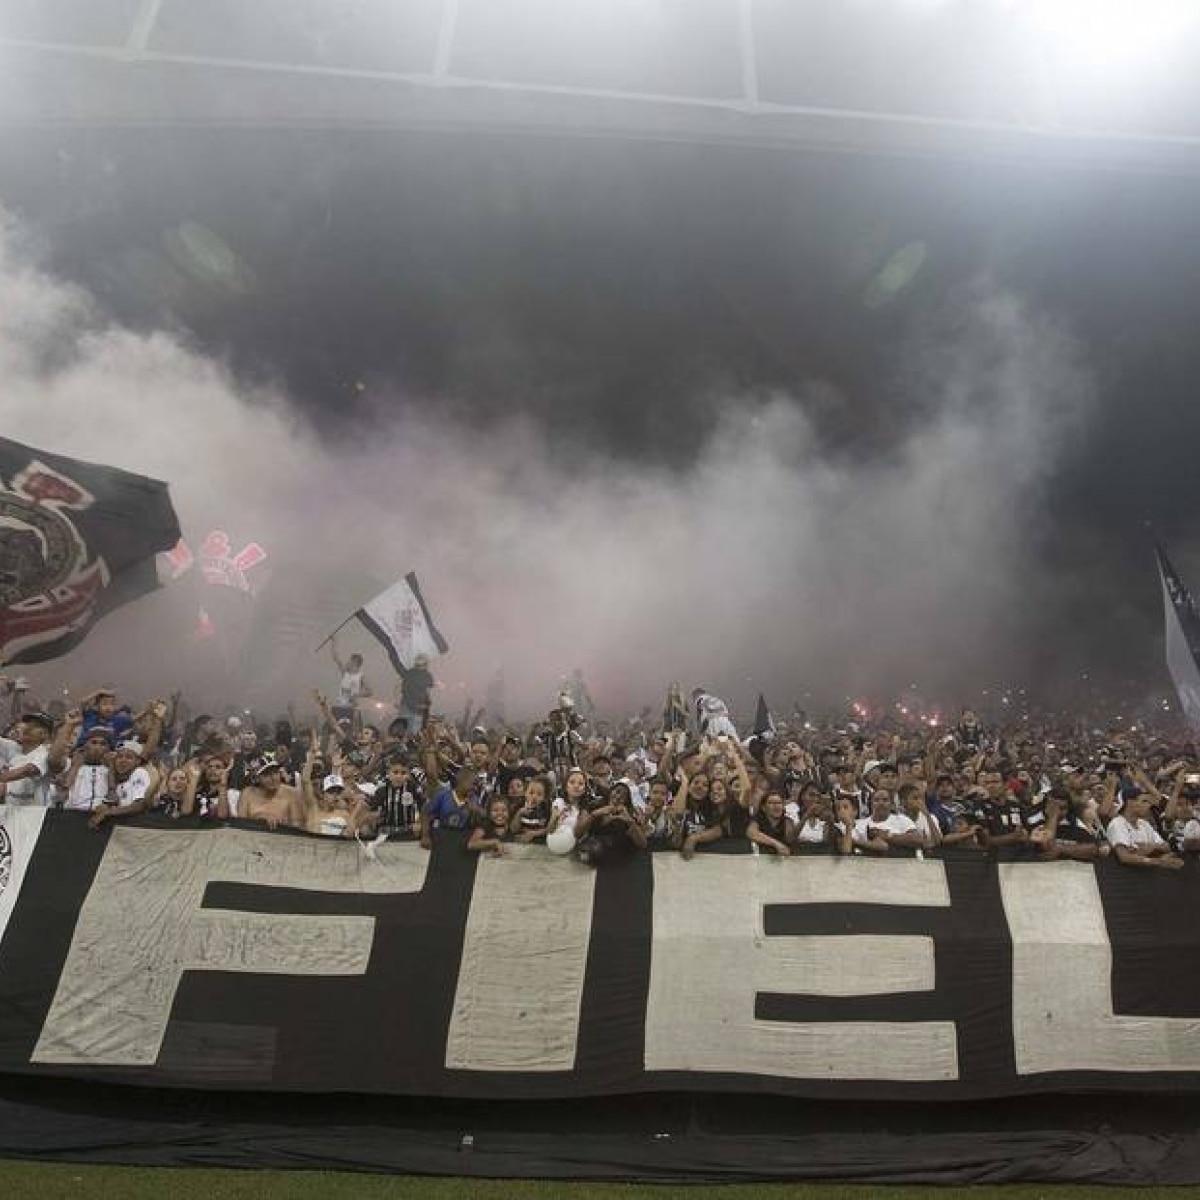 Andrés Sanchez não convence e torcida do Corinthians organiza protesto -  Esportes - Estadão 4a7b6baafe415